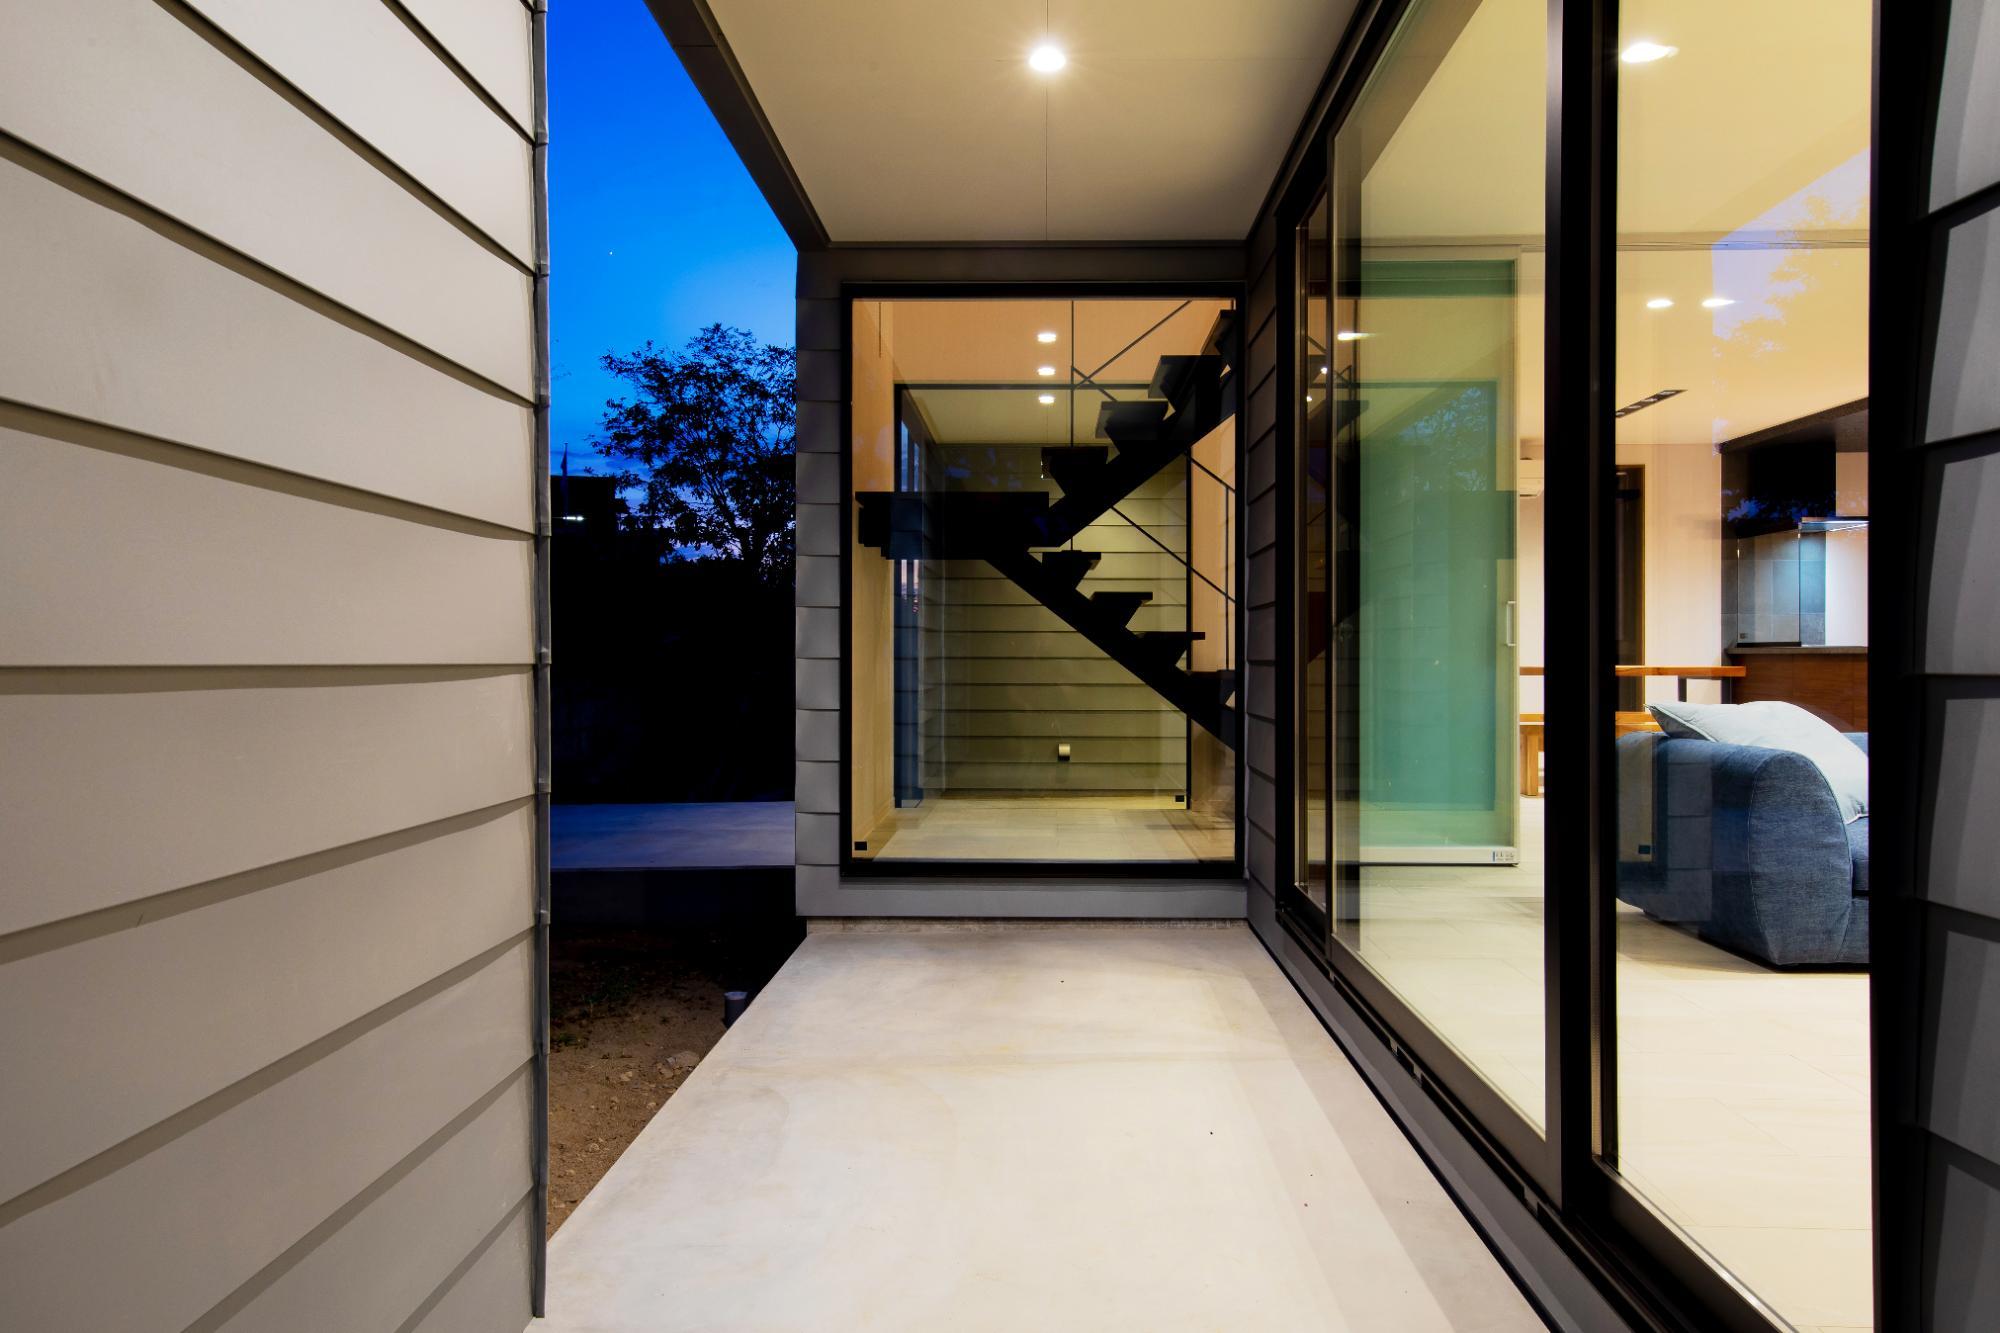 住み継げる住まいの提案 archi laboコンセプトハウスの写真17